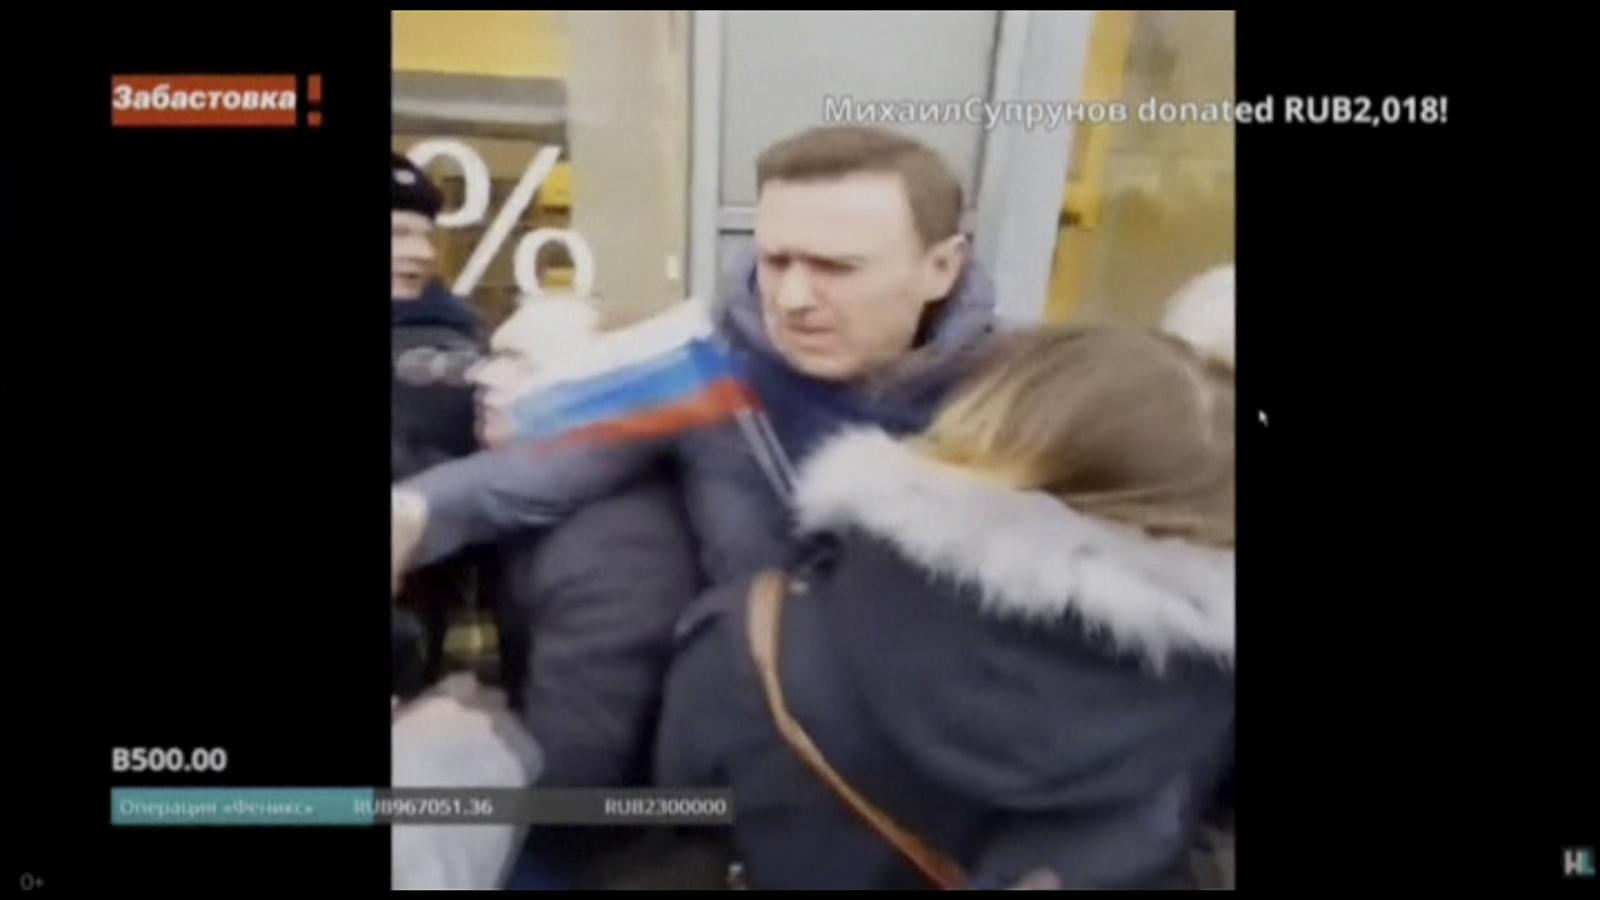 Navalny protest